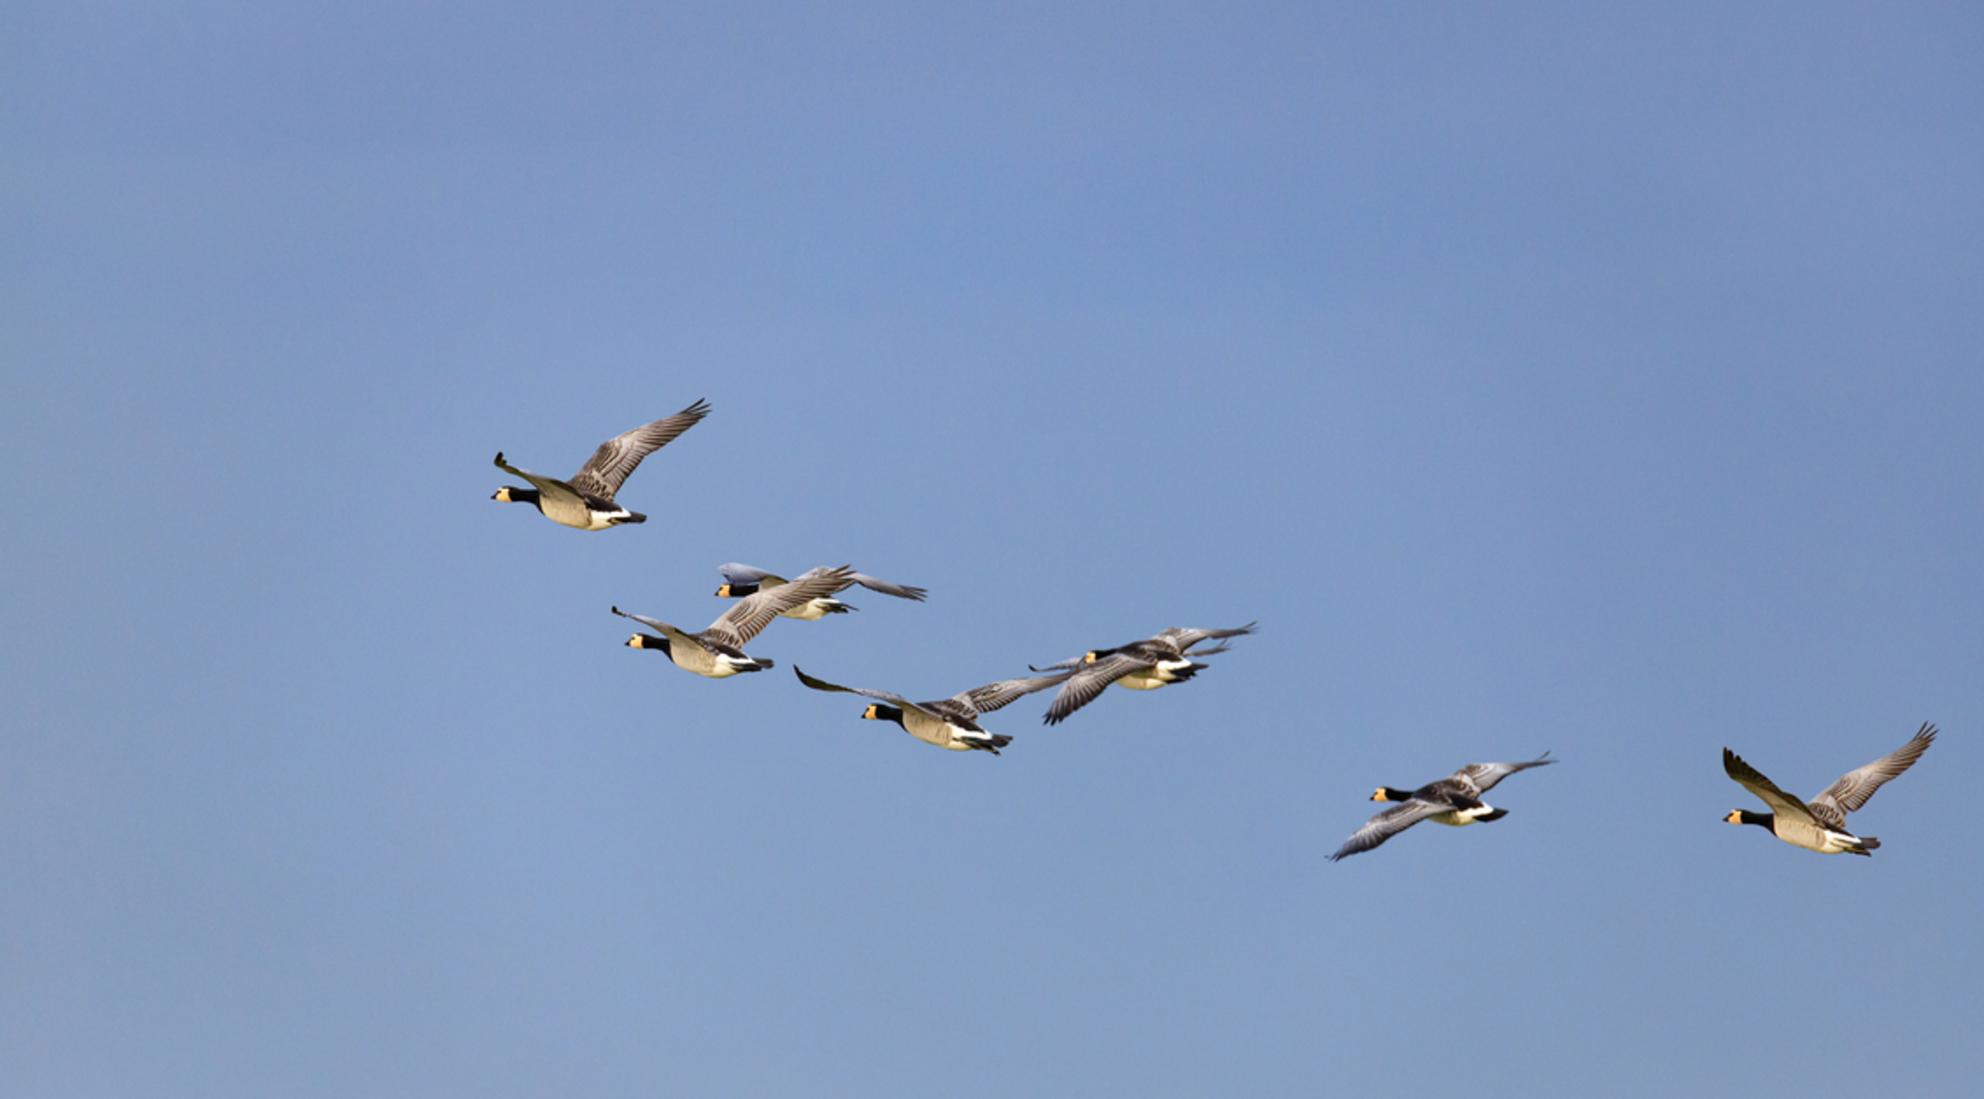 samen sterk - - - foto door lianedeprost op 02-03-2021 - deze foto bevat: eenden, vogel, vlucht - Deze foto mag gebruikt worden in een Zoom.nl publicatie